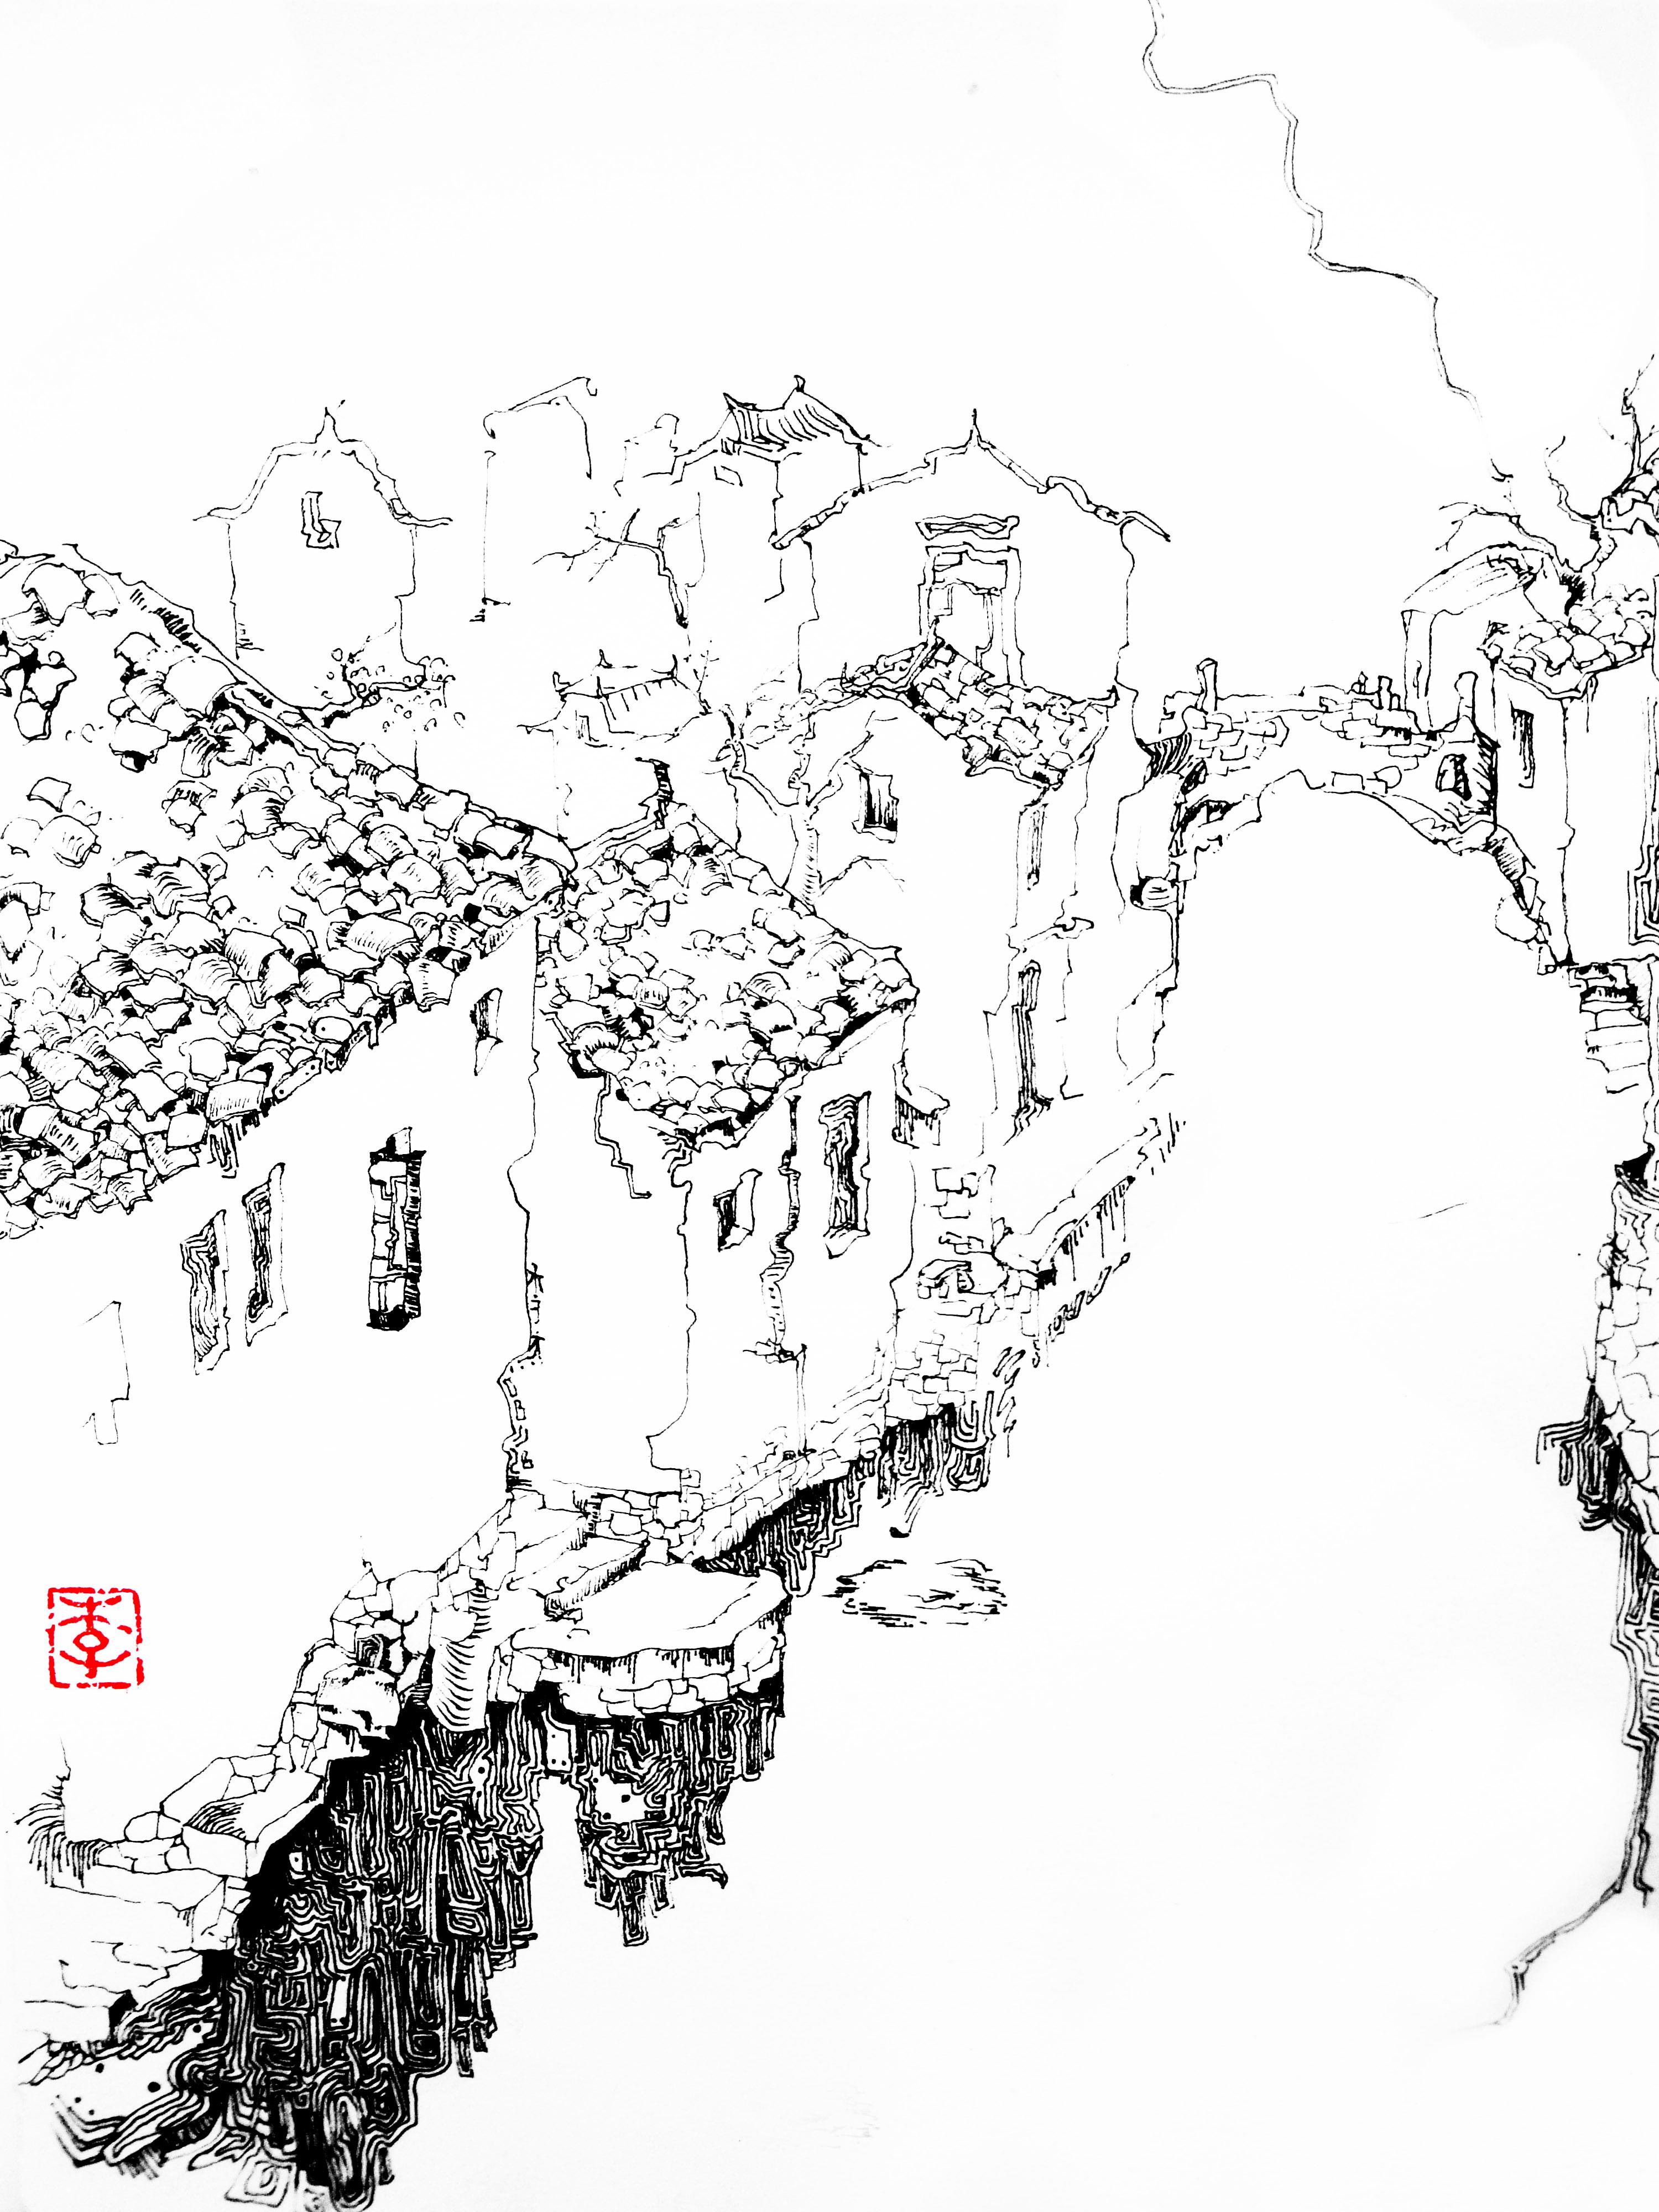 简笔画 手绘 线稿 3000_4000 竖版 竖屏